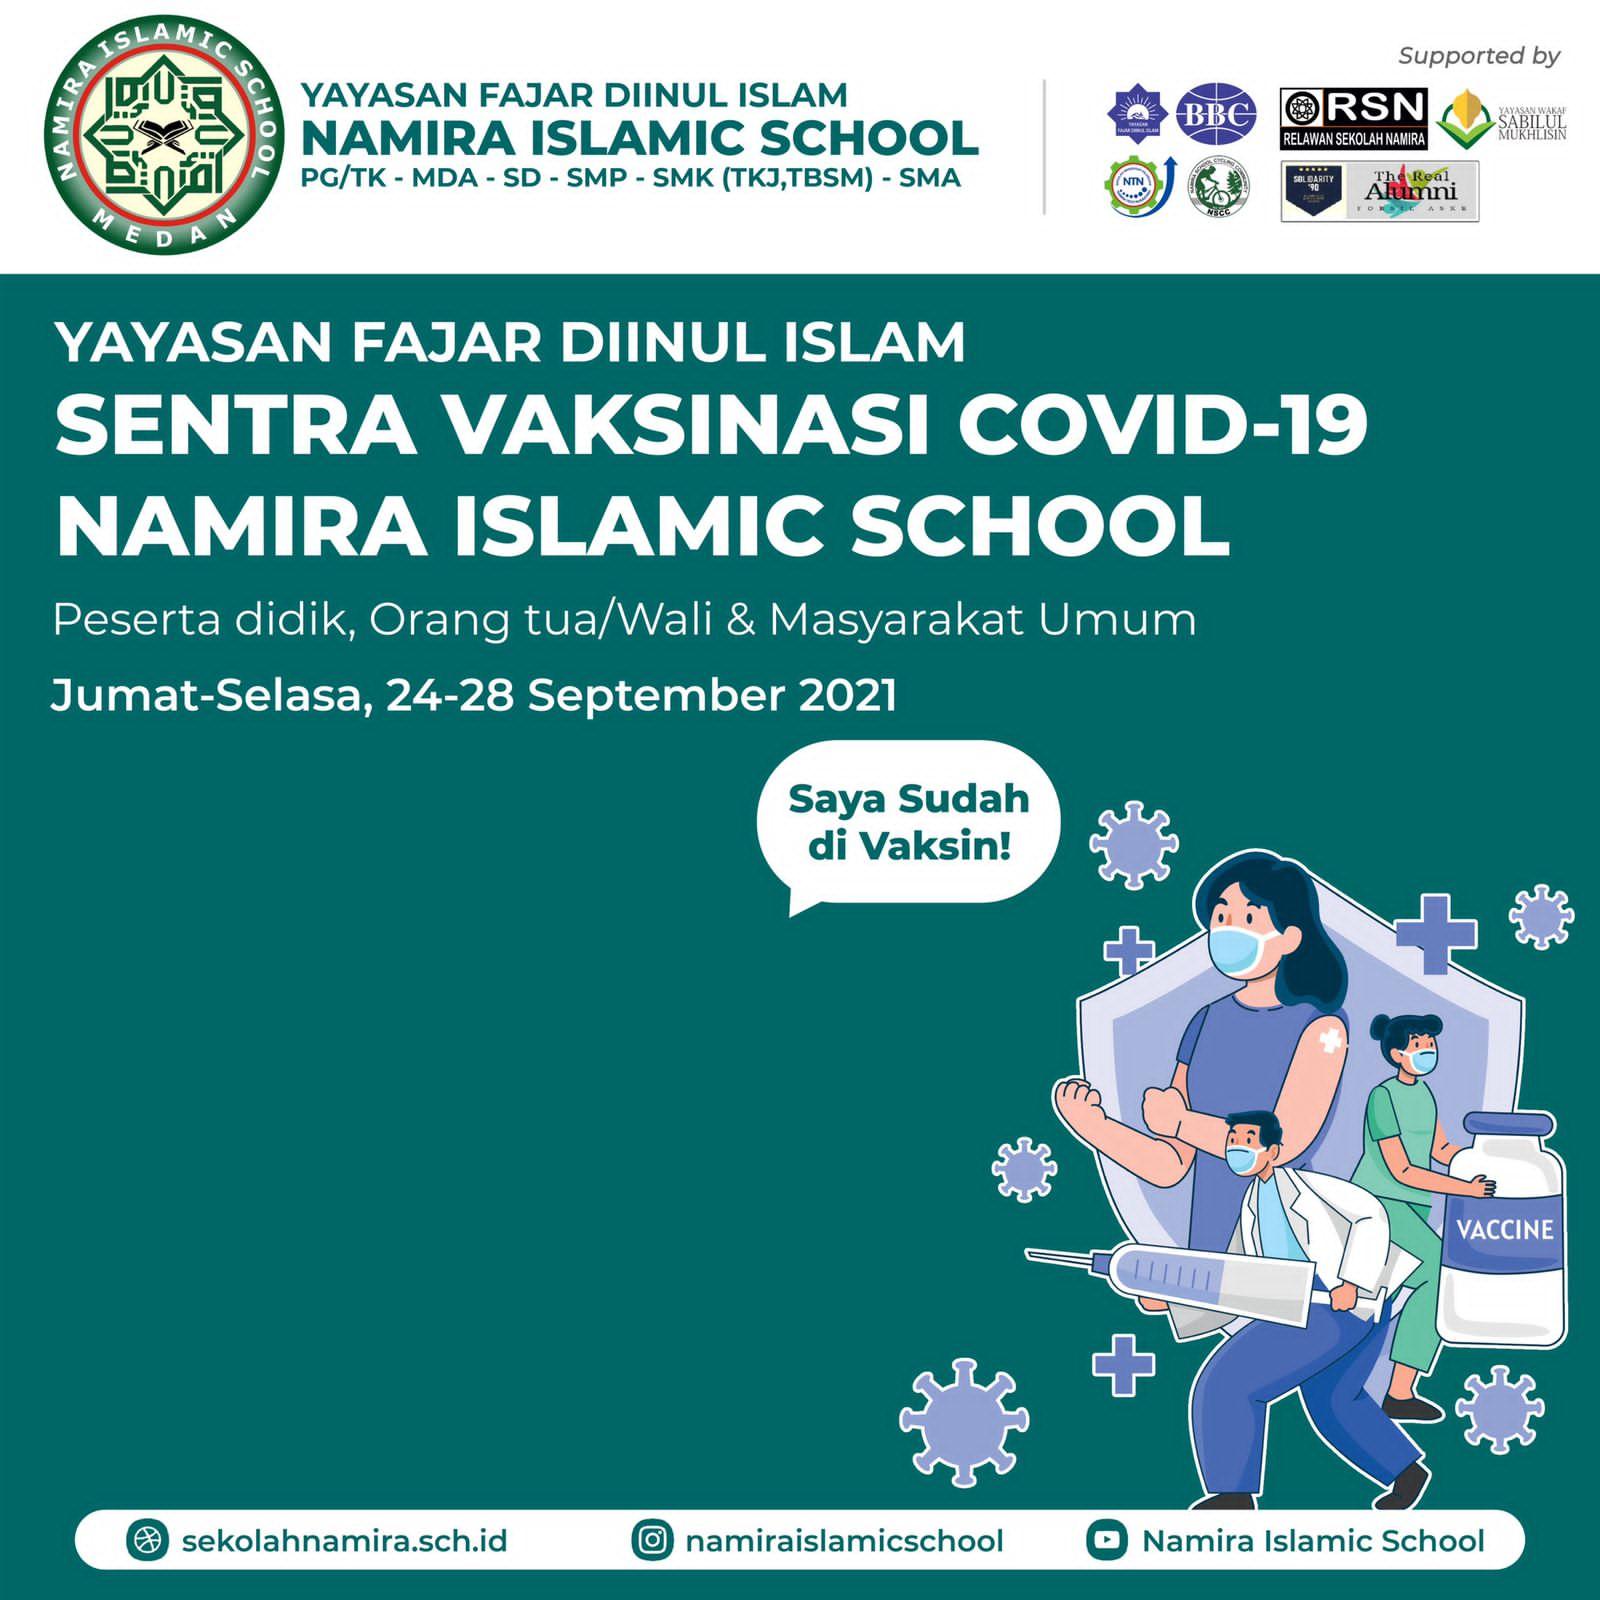 Sekolah Namira akan melaksanakan Sentra Vaksinasi untuk Masyarakat Umum